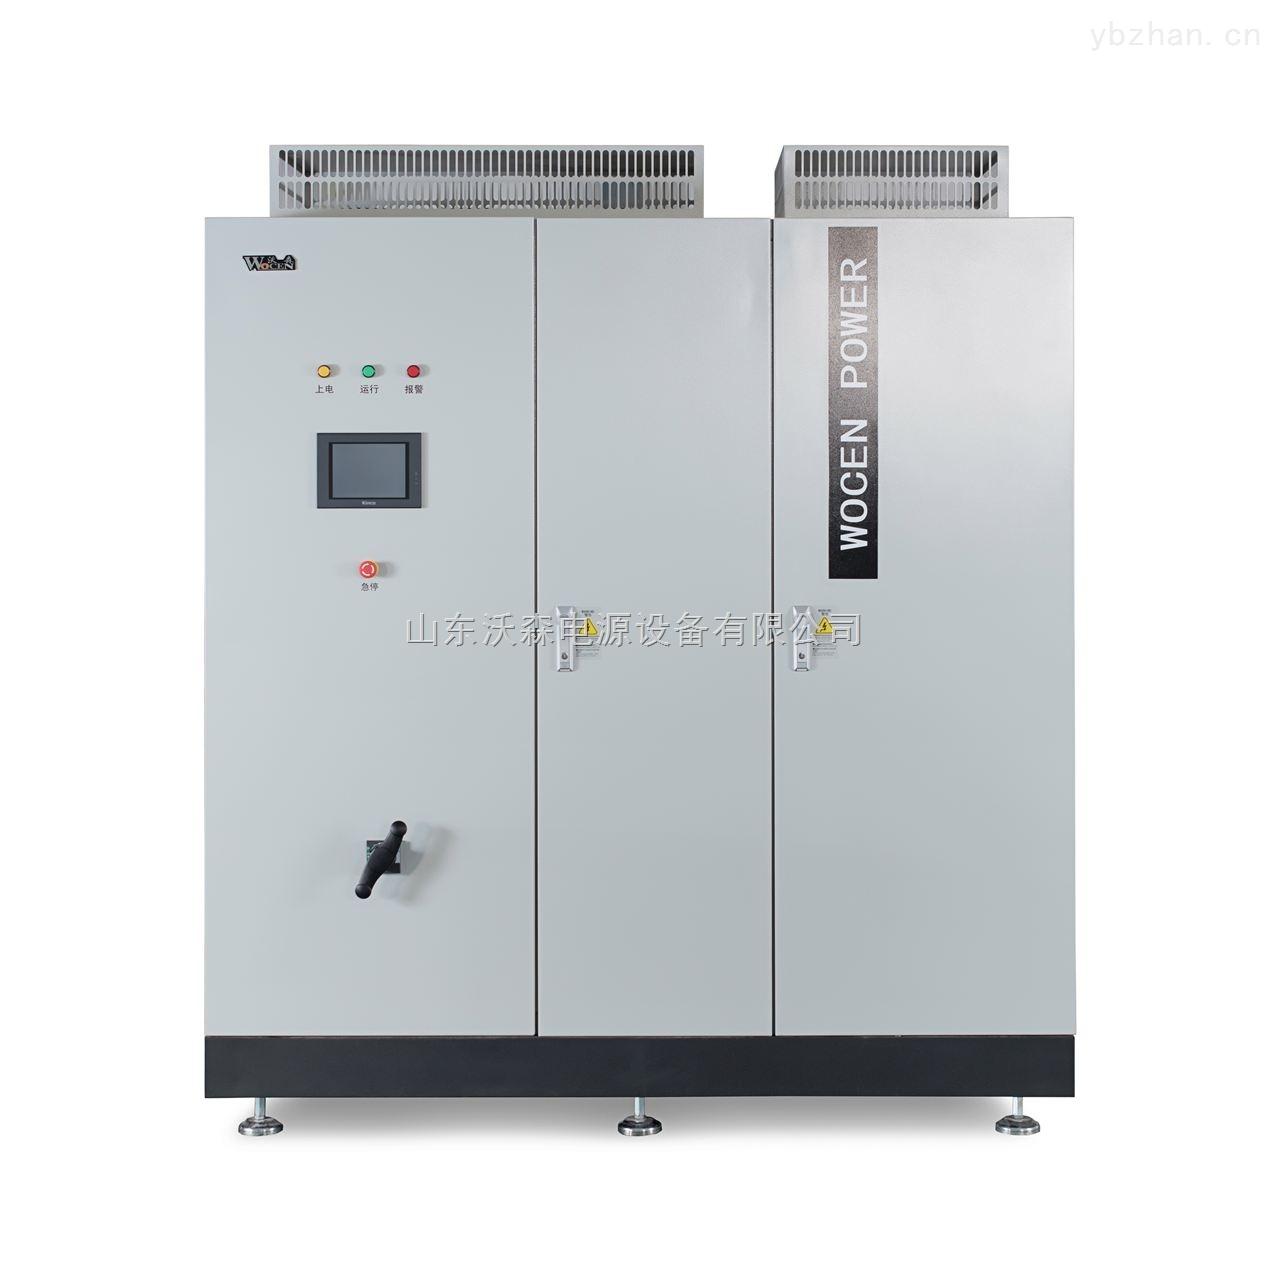 AP系列-沃森電源 一家專門做大功率變頻電源的企業